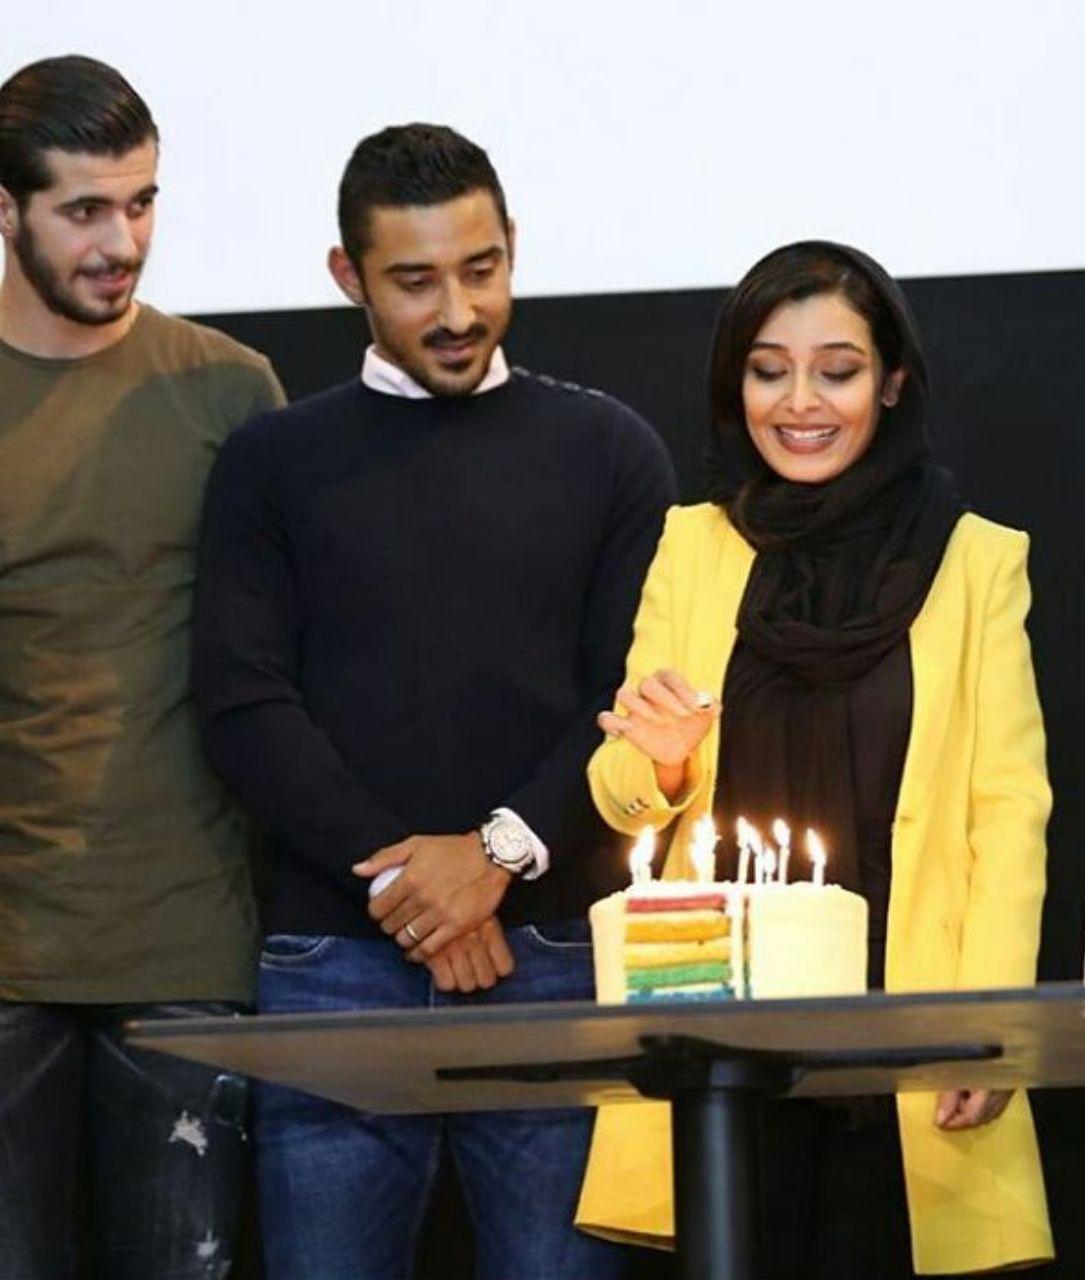 جشن تولد ساره بیات در حضور رضا قوچان نژاد و سعید عزتاللهی ؛ پارس فوتبال